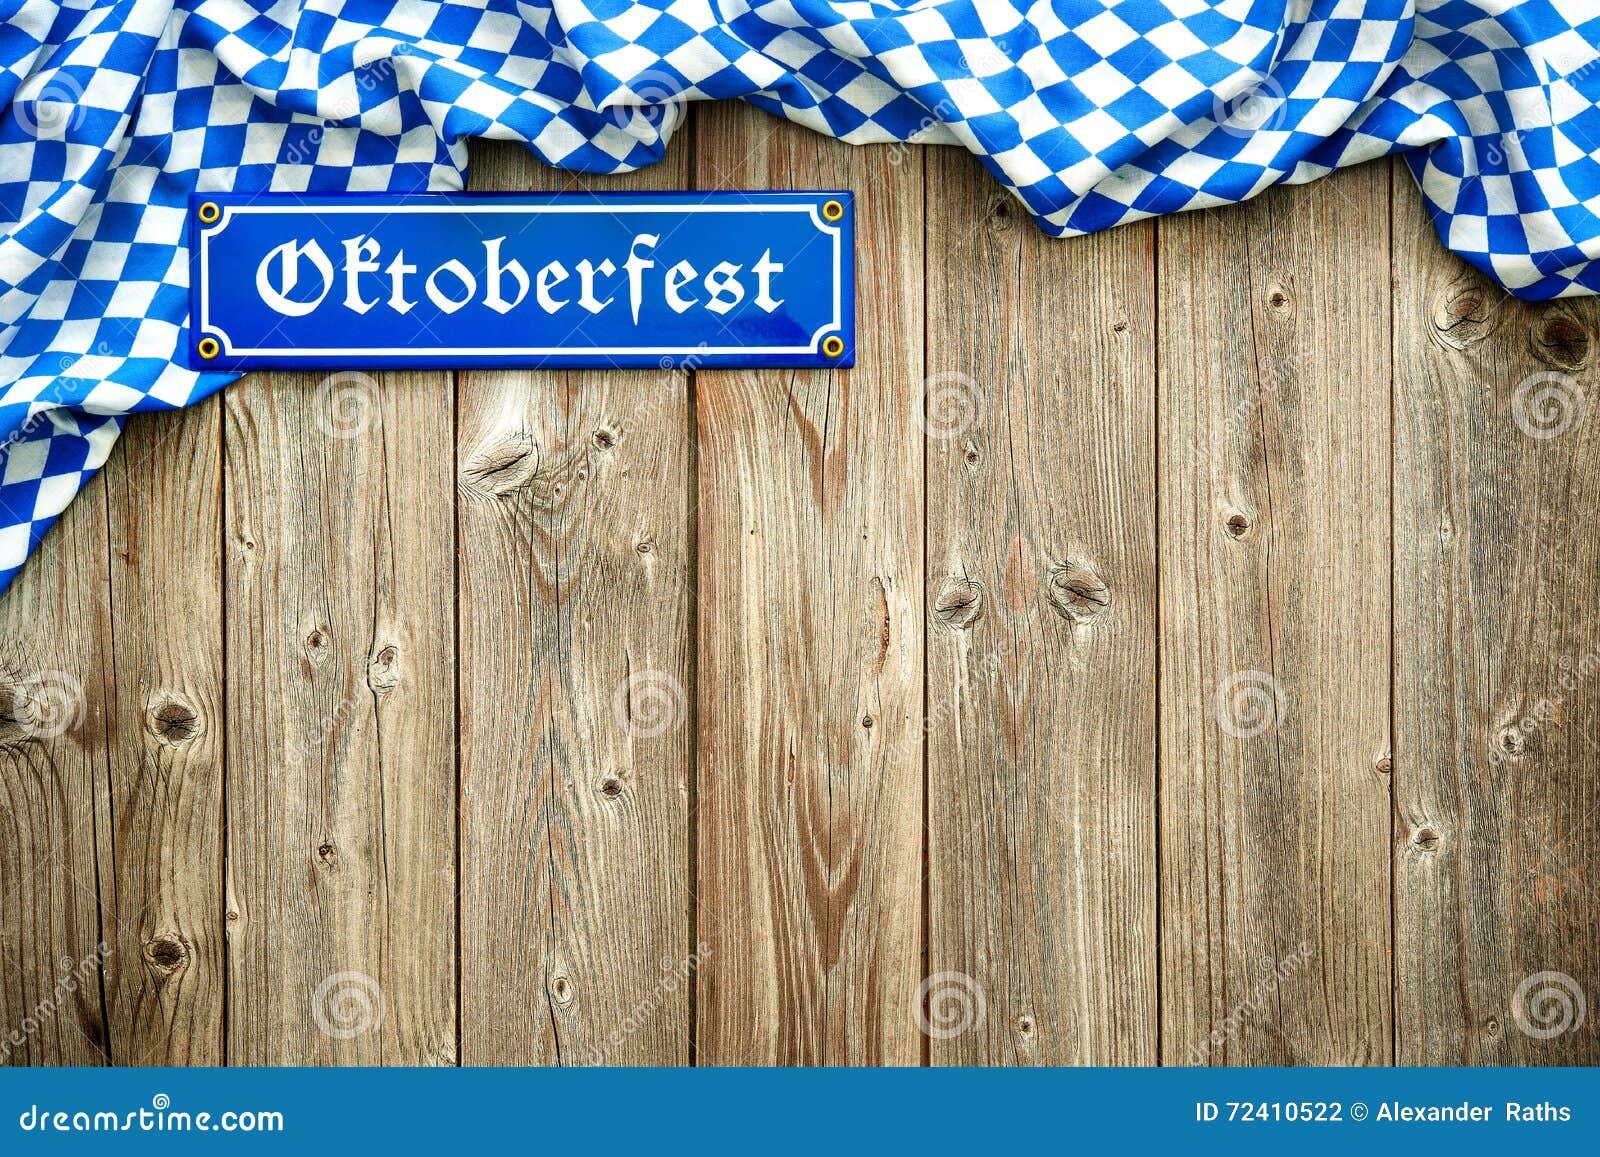 Rustieke achtergrond voor Oktoberfest